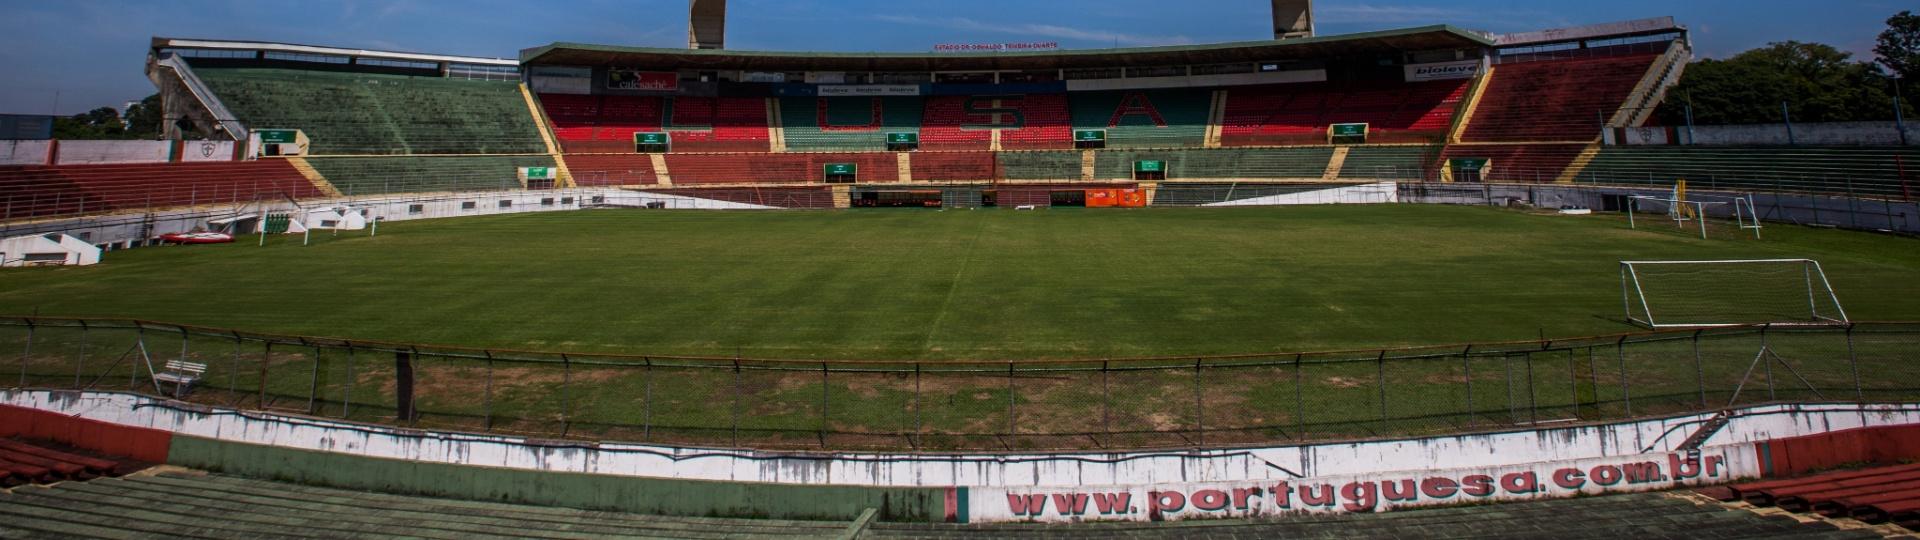 Dívidas da Portuguesa fazem Estádio do Canindé ir a leilão em novembro